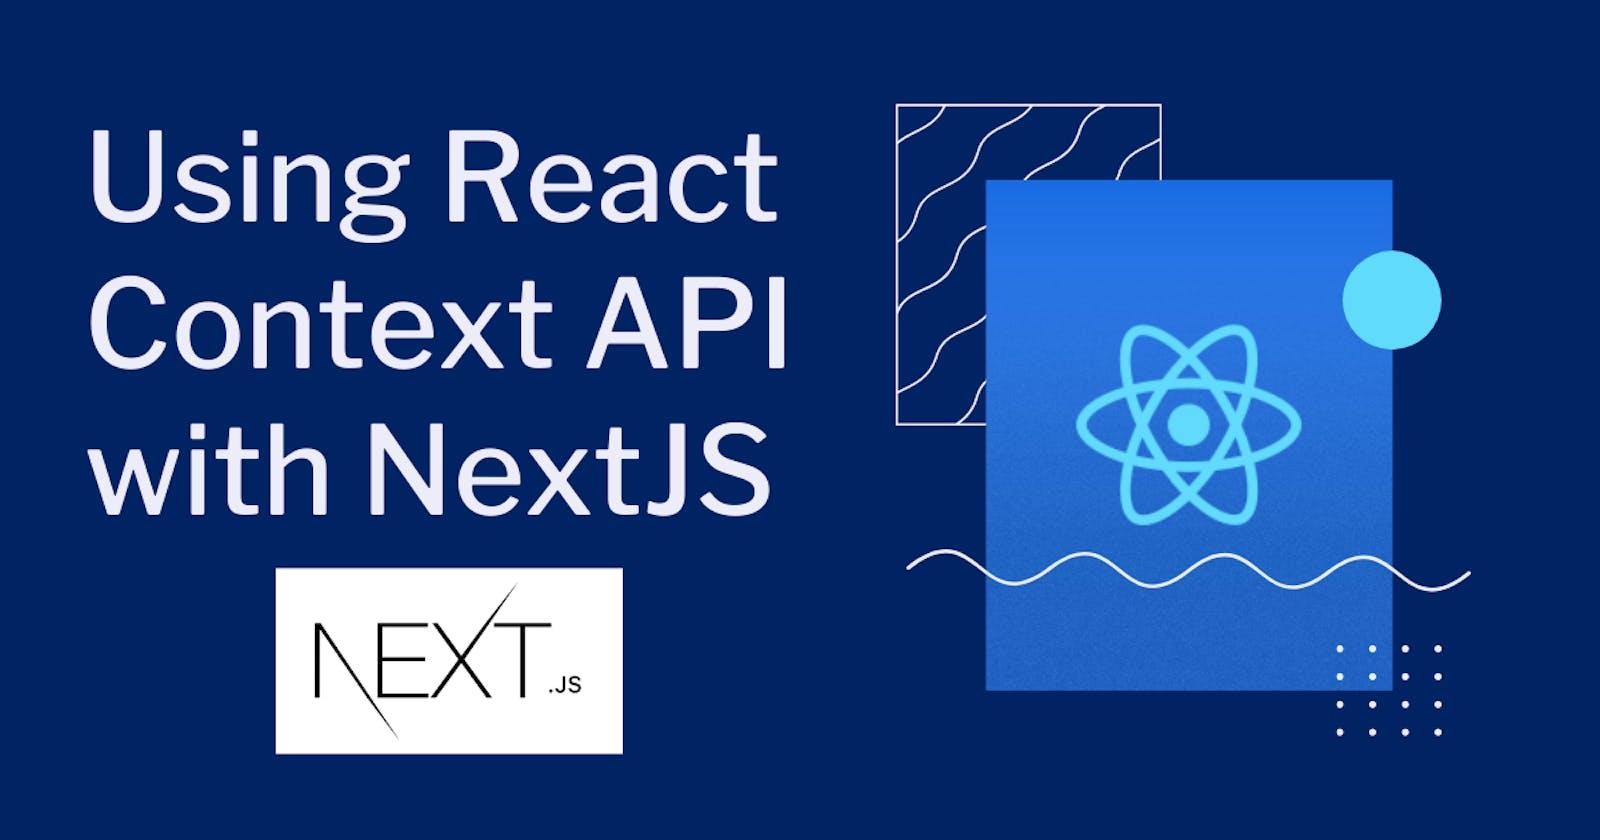 Using React Context API with NextJS